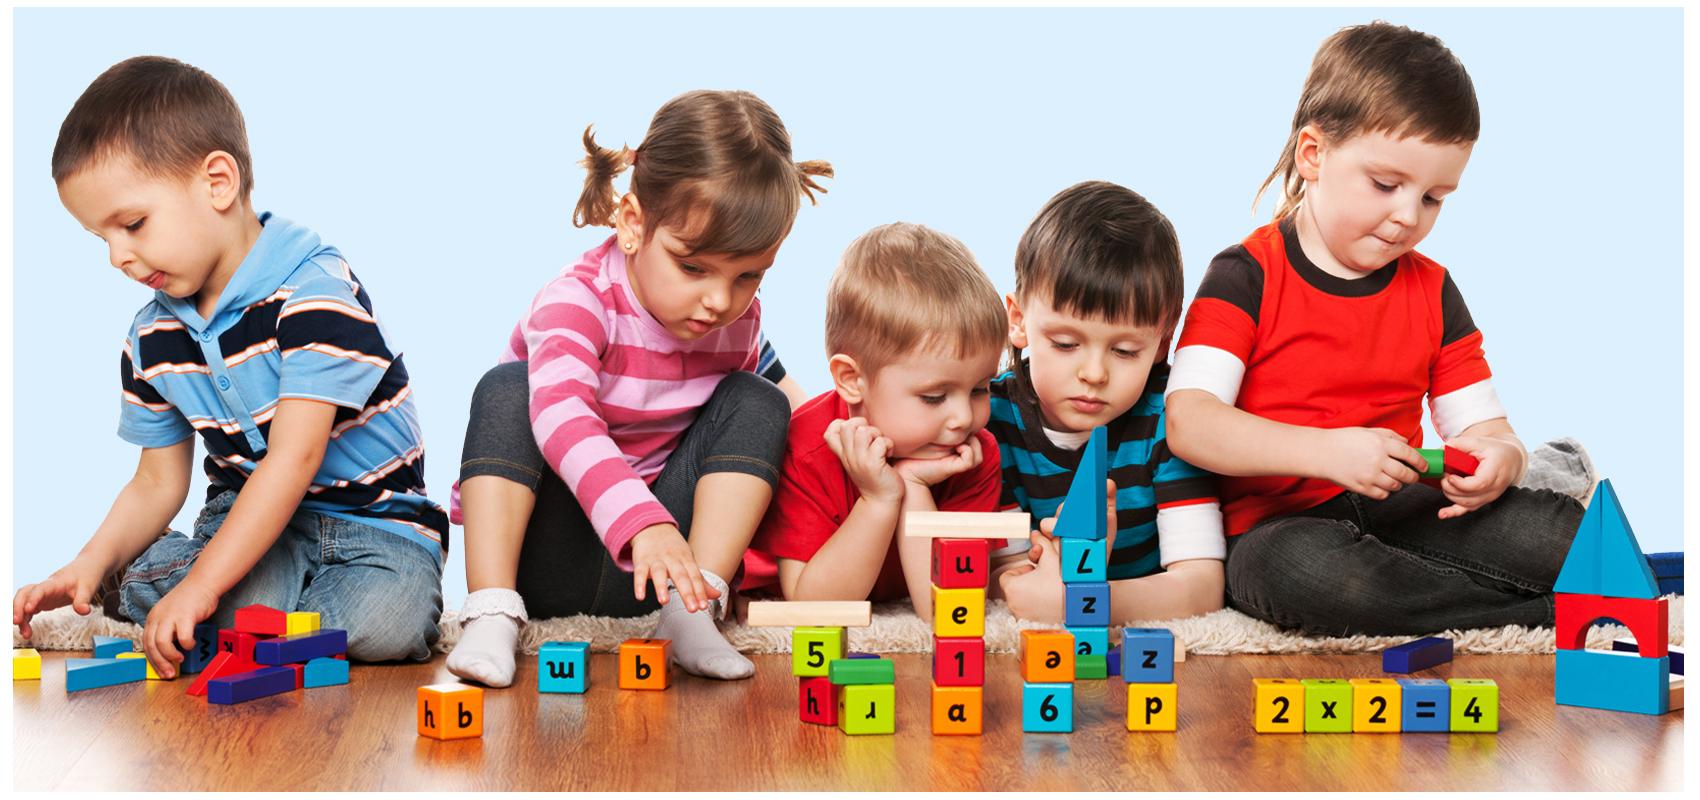 Bí quyết quản lý bán hàng đa kênh hiệu quả khi kinh doanh đồ chơi trẻ em